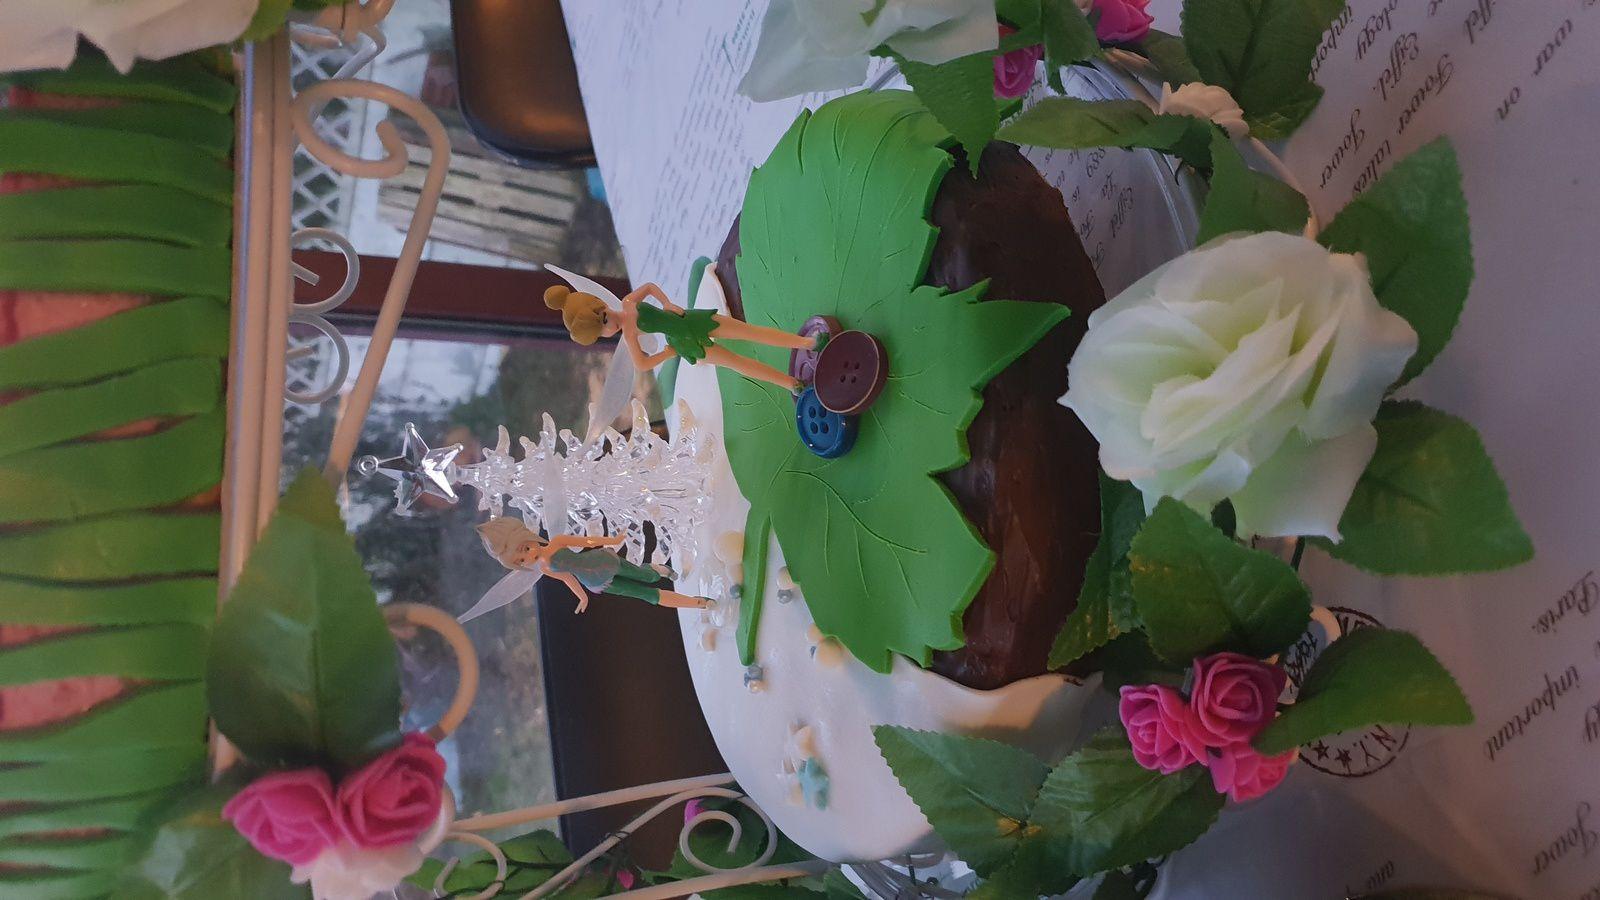 Gateaux pâte à sucre chocolat mousse chocolat et ganache chocolat et deux gâteaux bavarois framboise.